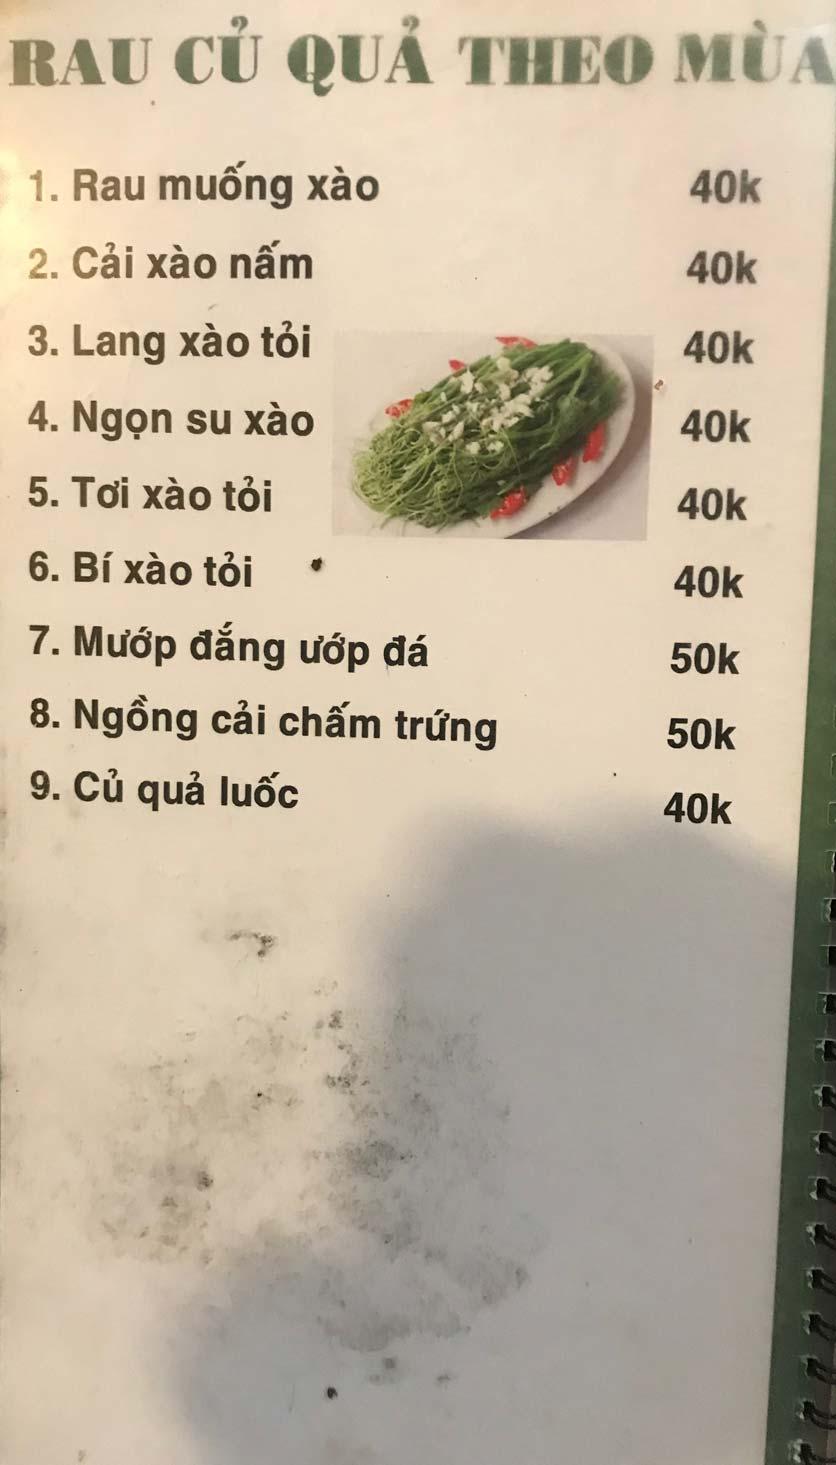 Menu Hoa Sữa - Thanh Liệt 3